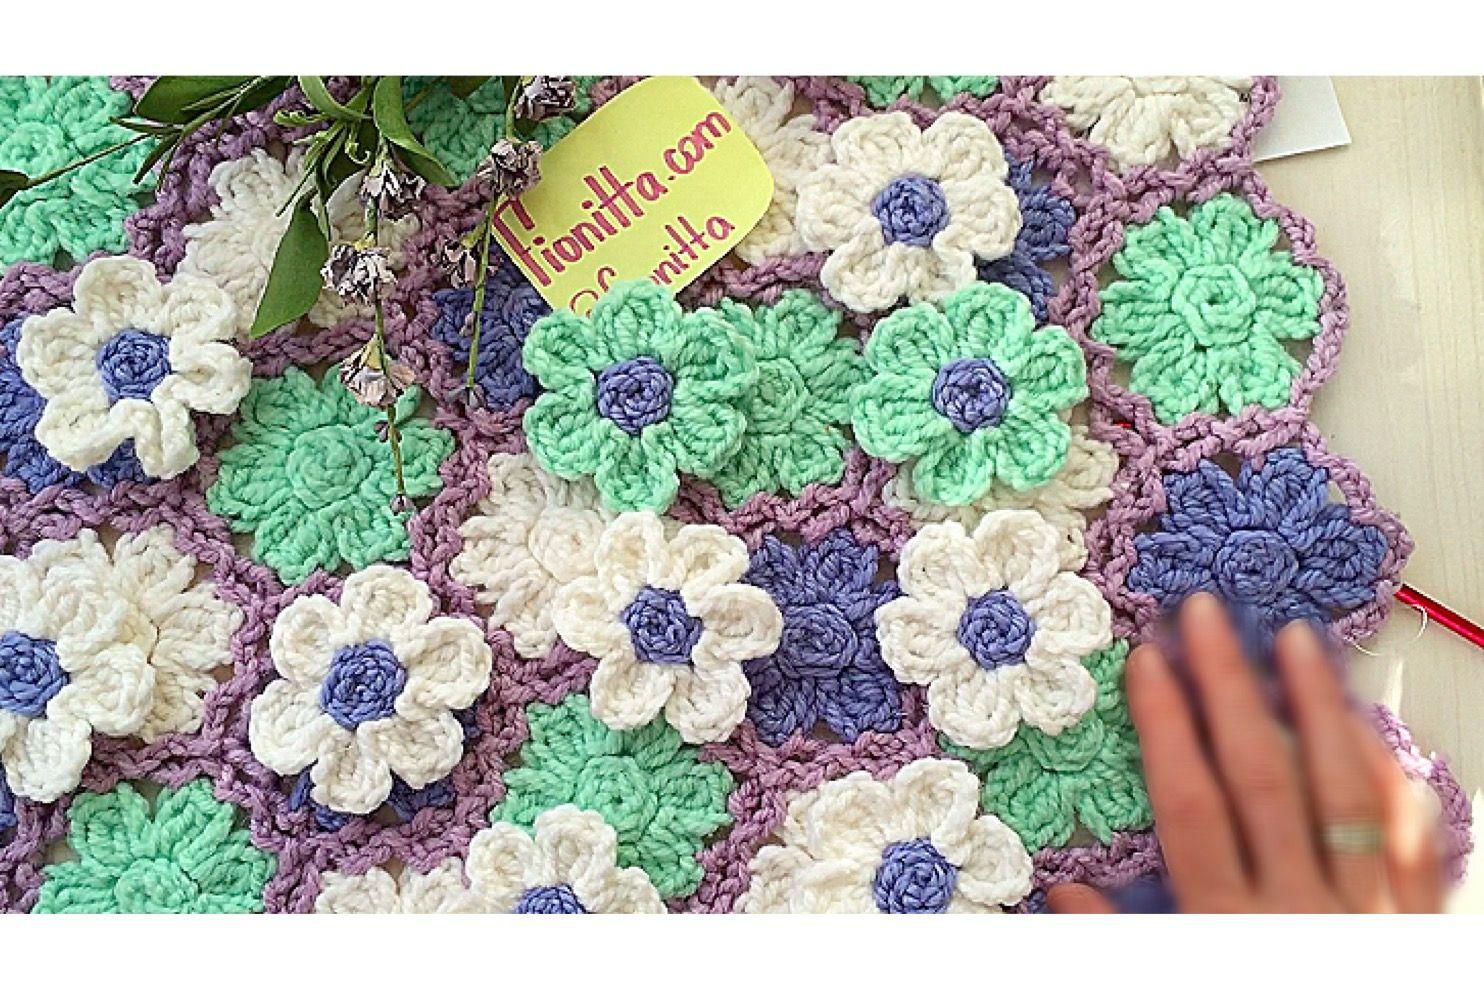 Un bellissimo cuscino, tappeto o copriletto fiorato fai da ...